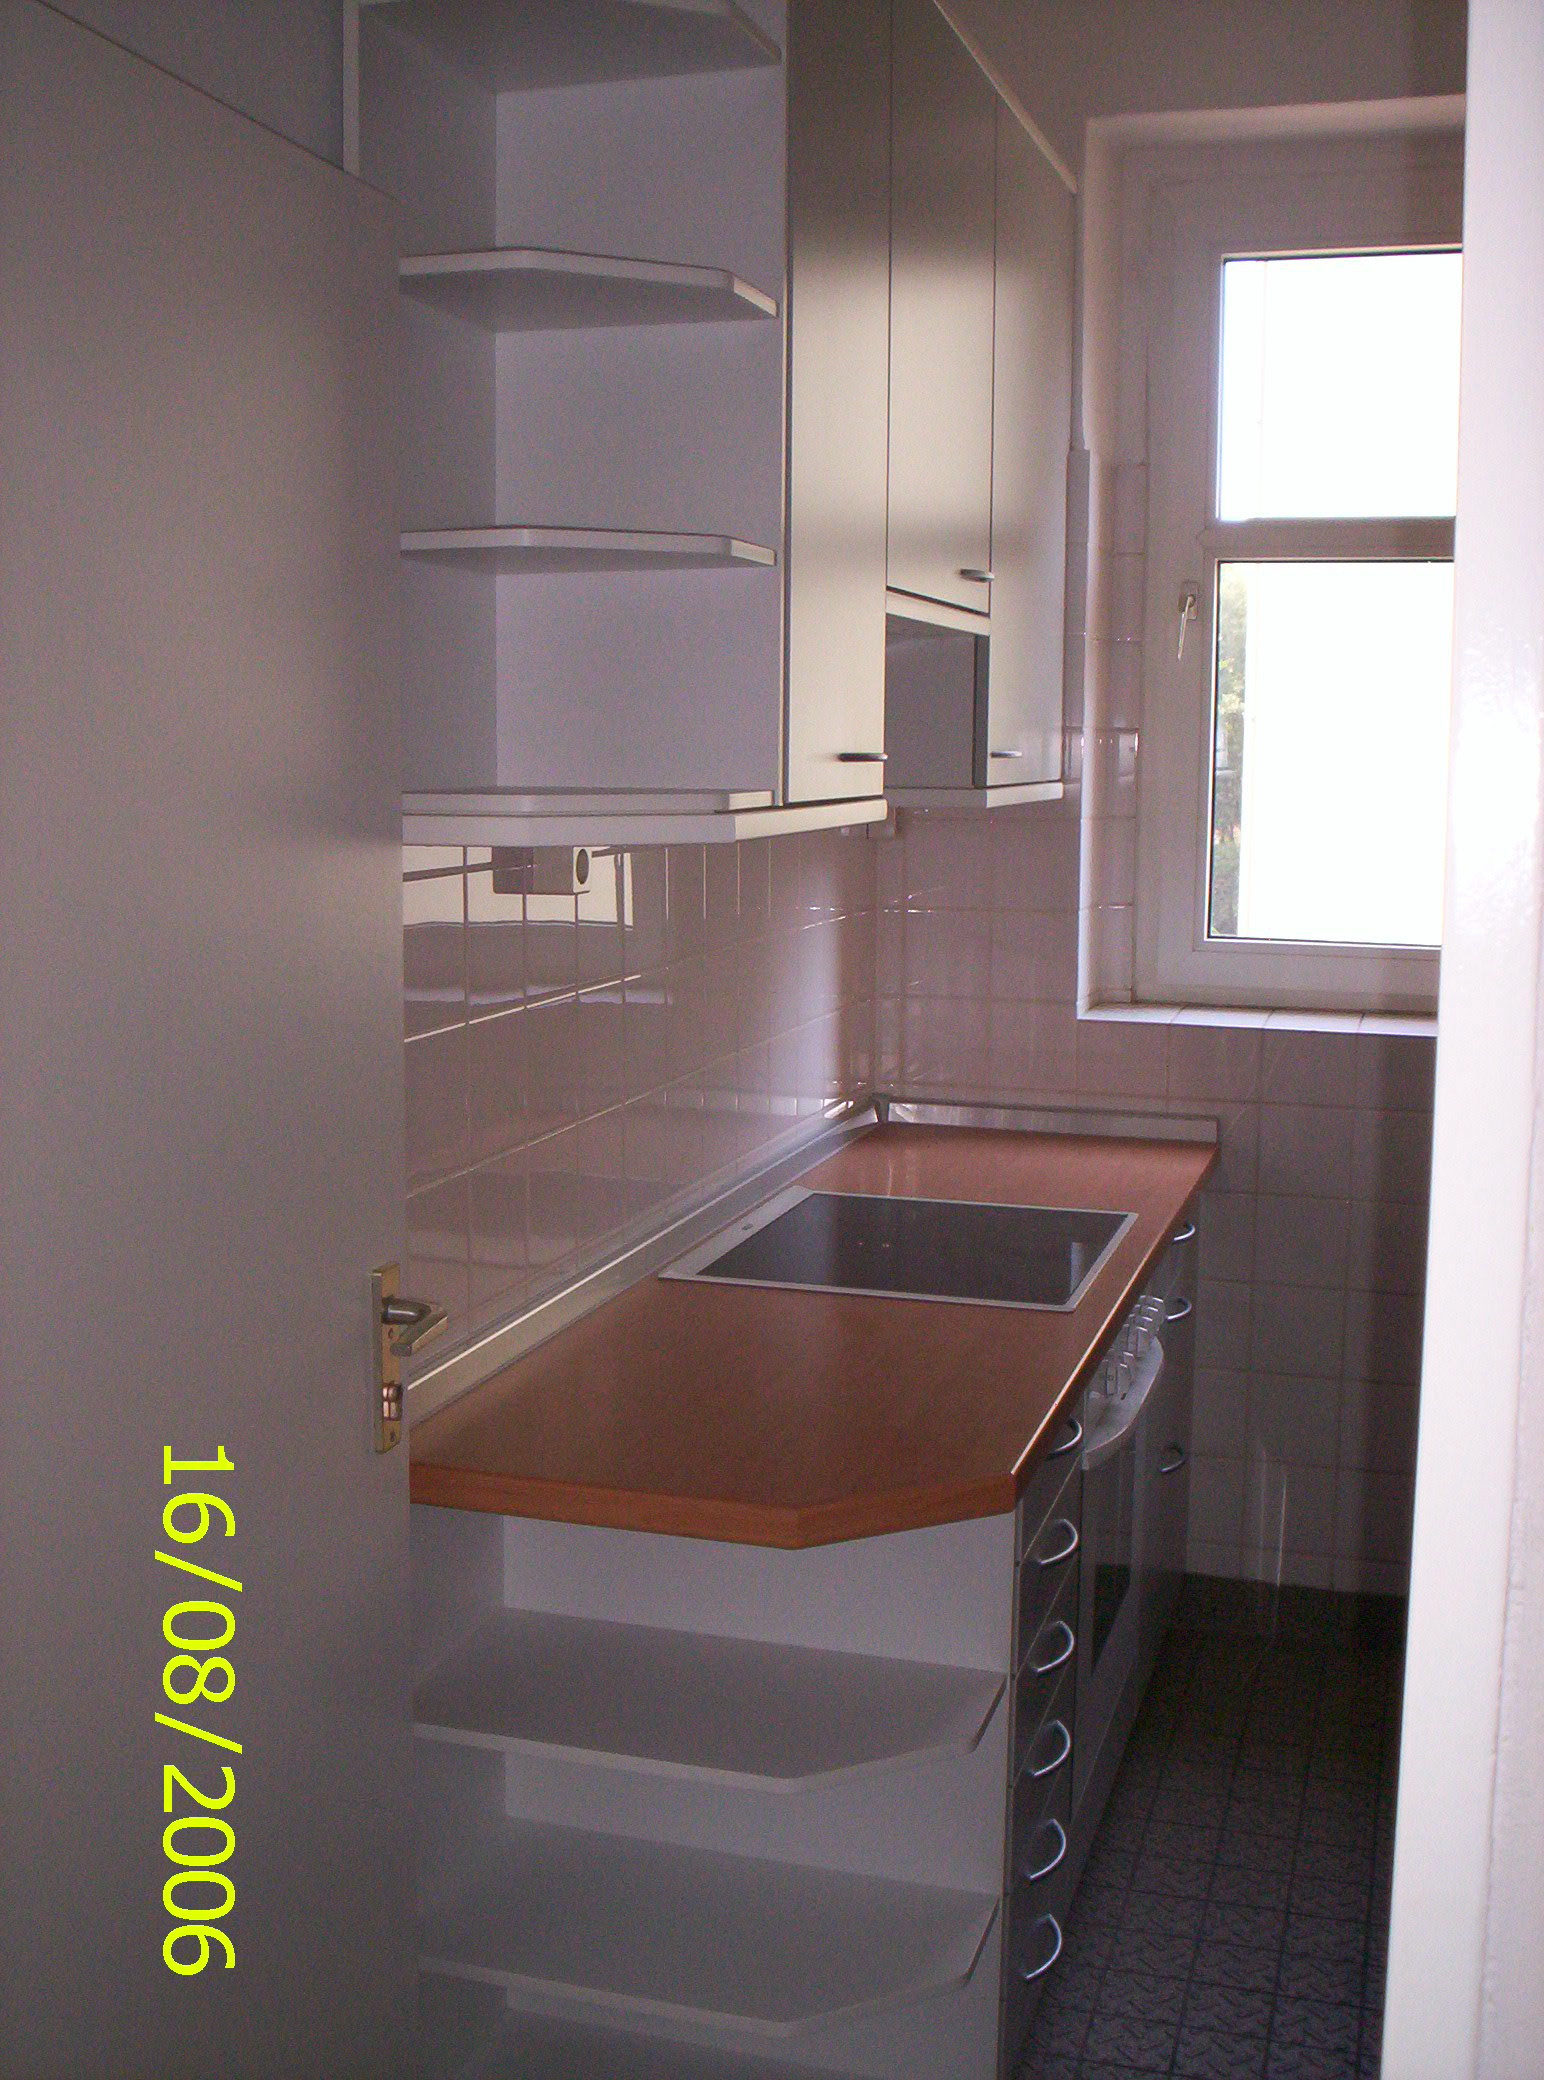 Günstige küchenzeilen gebraucht  Küchenideen, küchen abverkauf, küchen abverkauf, gebraucht küchen ...